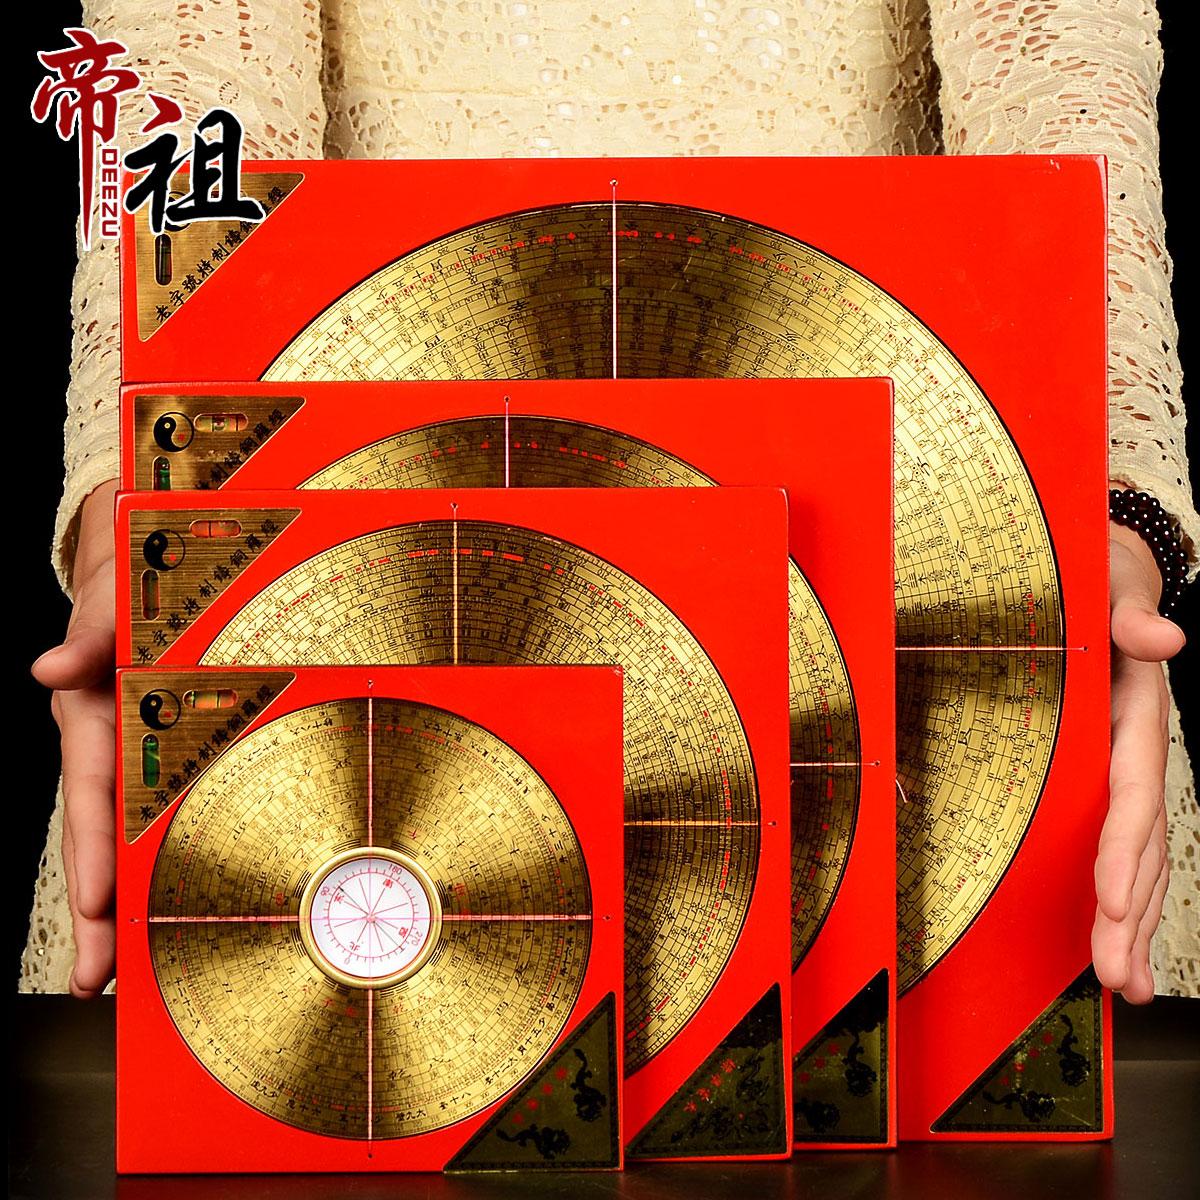 帝祖 羅盤風水盤電木專業高精度純銅羅經儀綜合盤指南針隨身攜帶